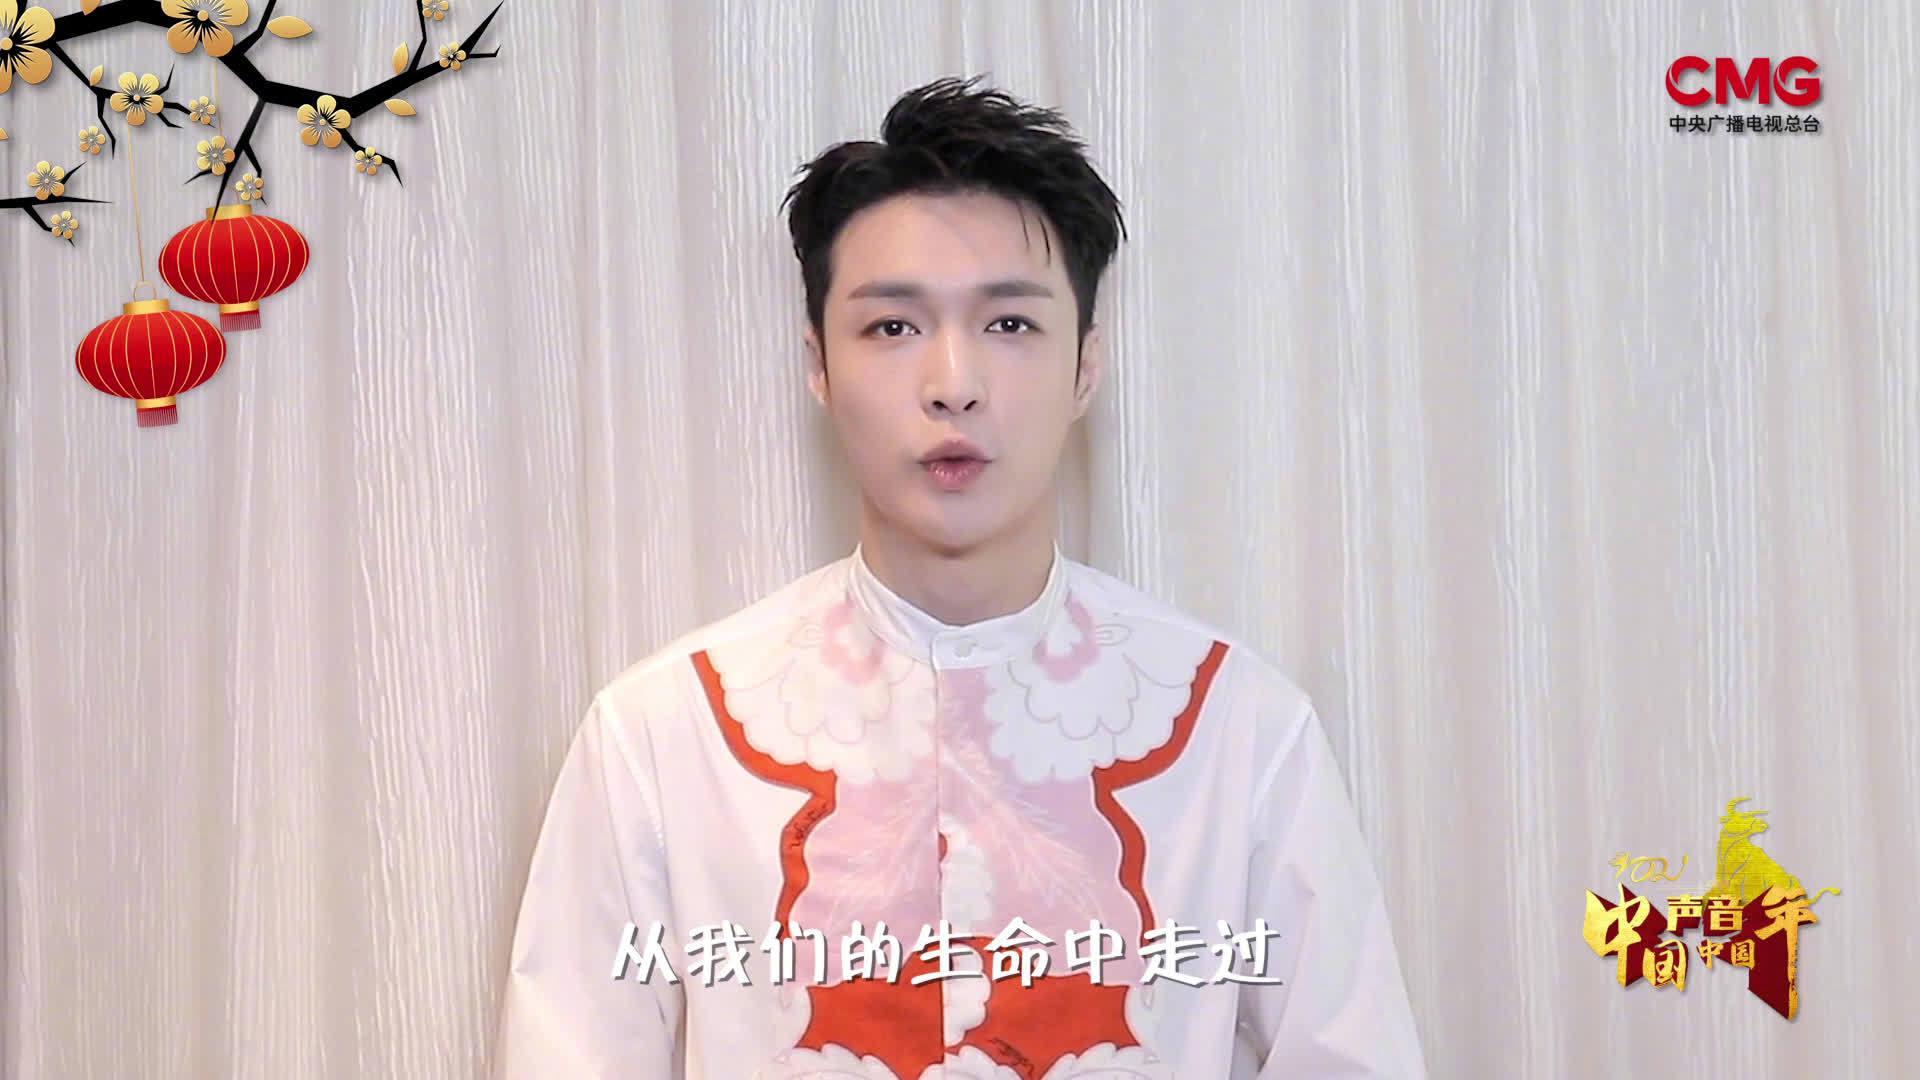 《中国声音中国年》宣传大使张艺兴推出互动话题